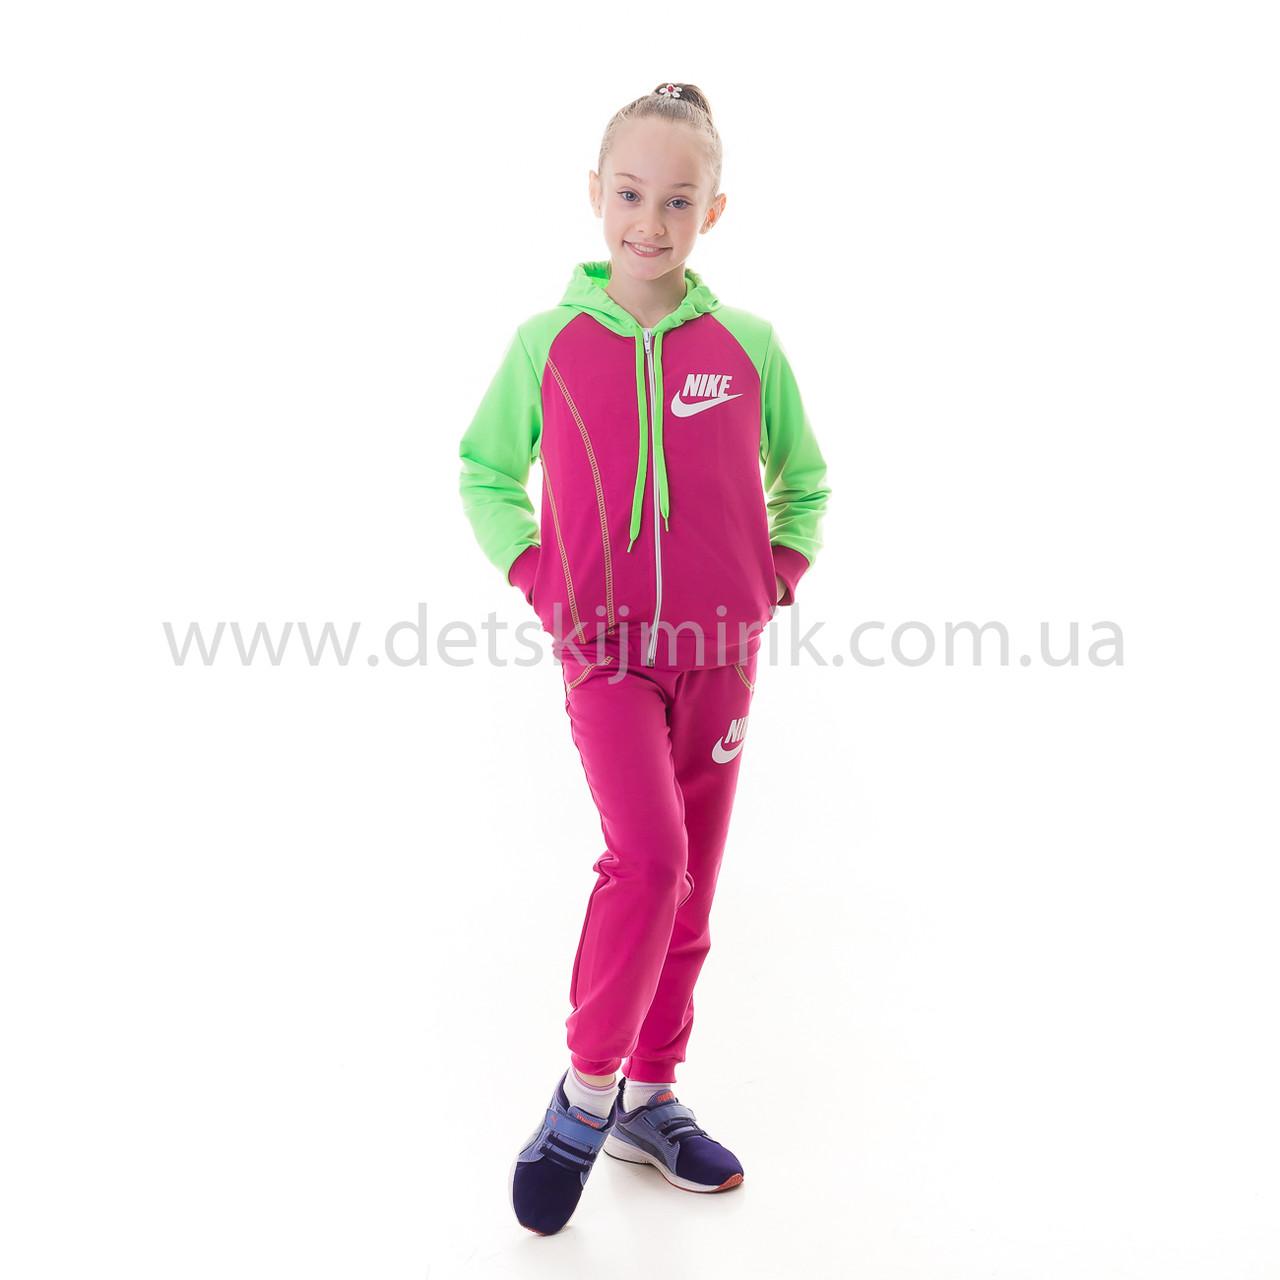 a4b2d026 Детский спортивный костюм Найк: продажа, цена в Харькове. спортивные ...